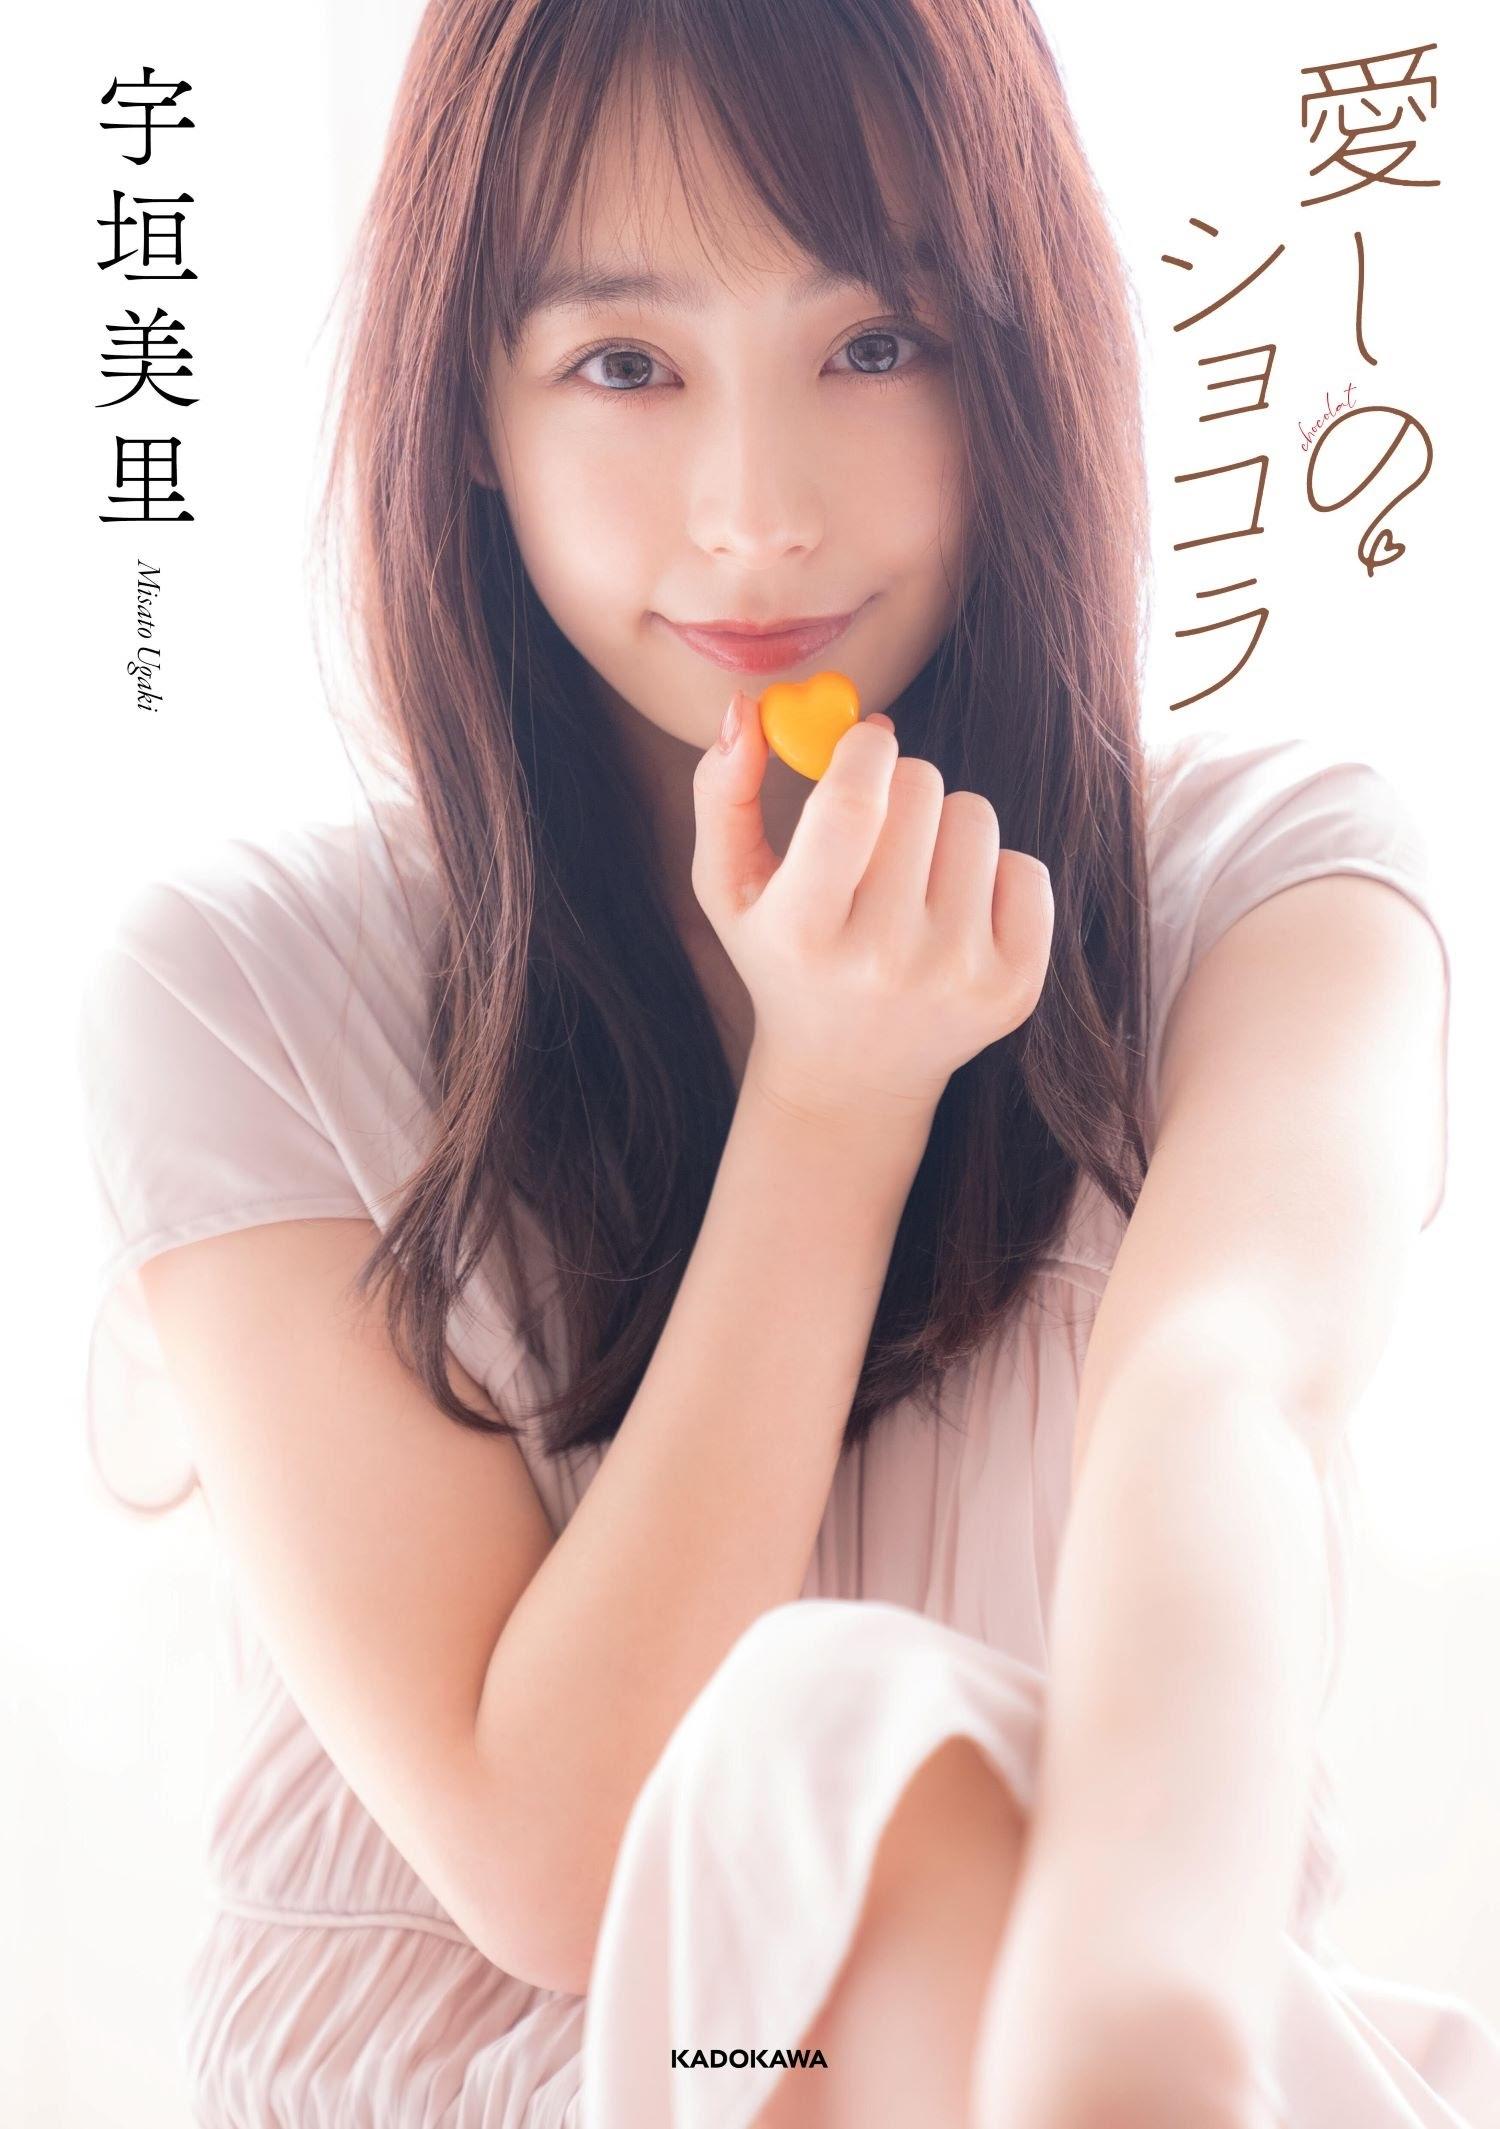 女子SPA! 2021.07.06 宇垣美里  高清套图 第5张